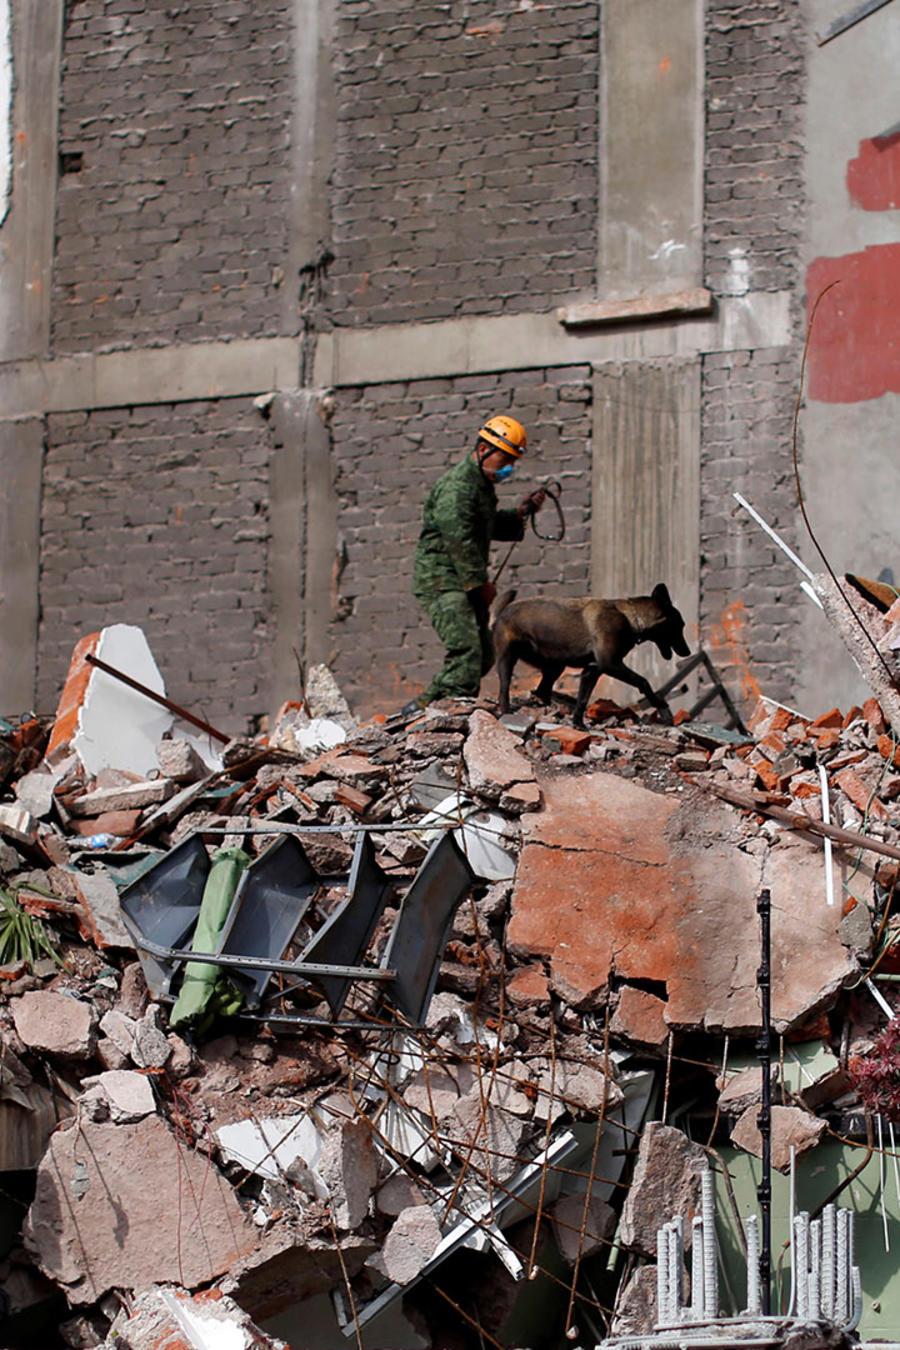 Un militar busca sobrevivientes con la ayuda de un perro entre los escombros de un edificio derrumbado en la Colonia Condesa de la Ciudad de México tras el sismo del 19 de septiembre de 2017.